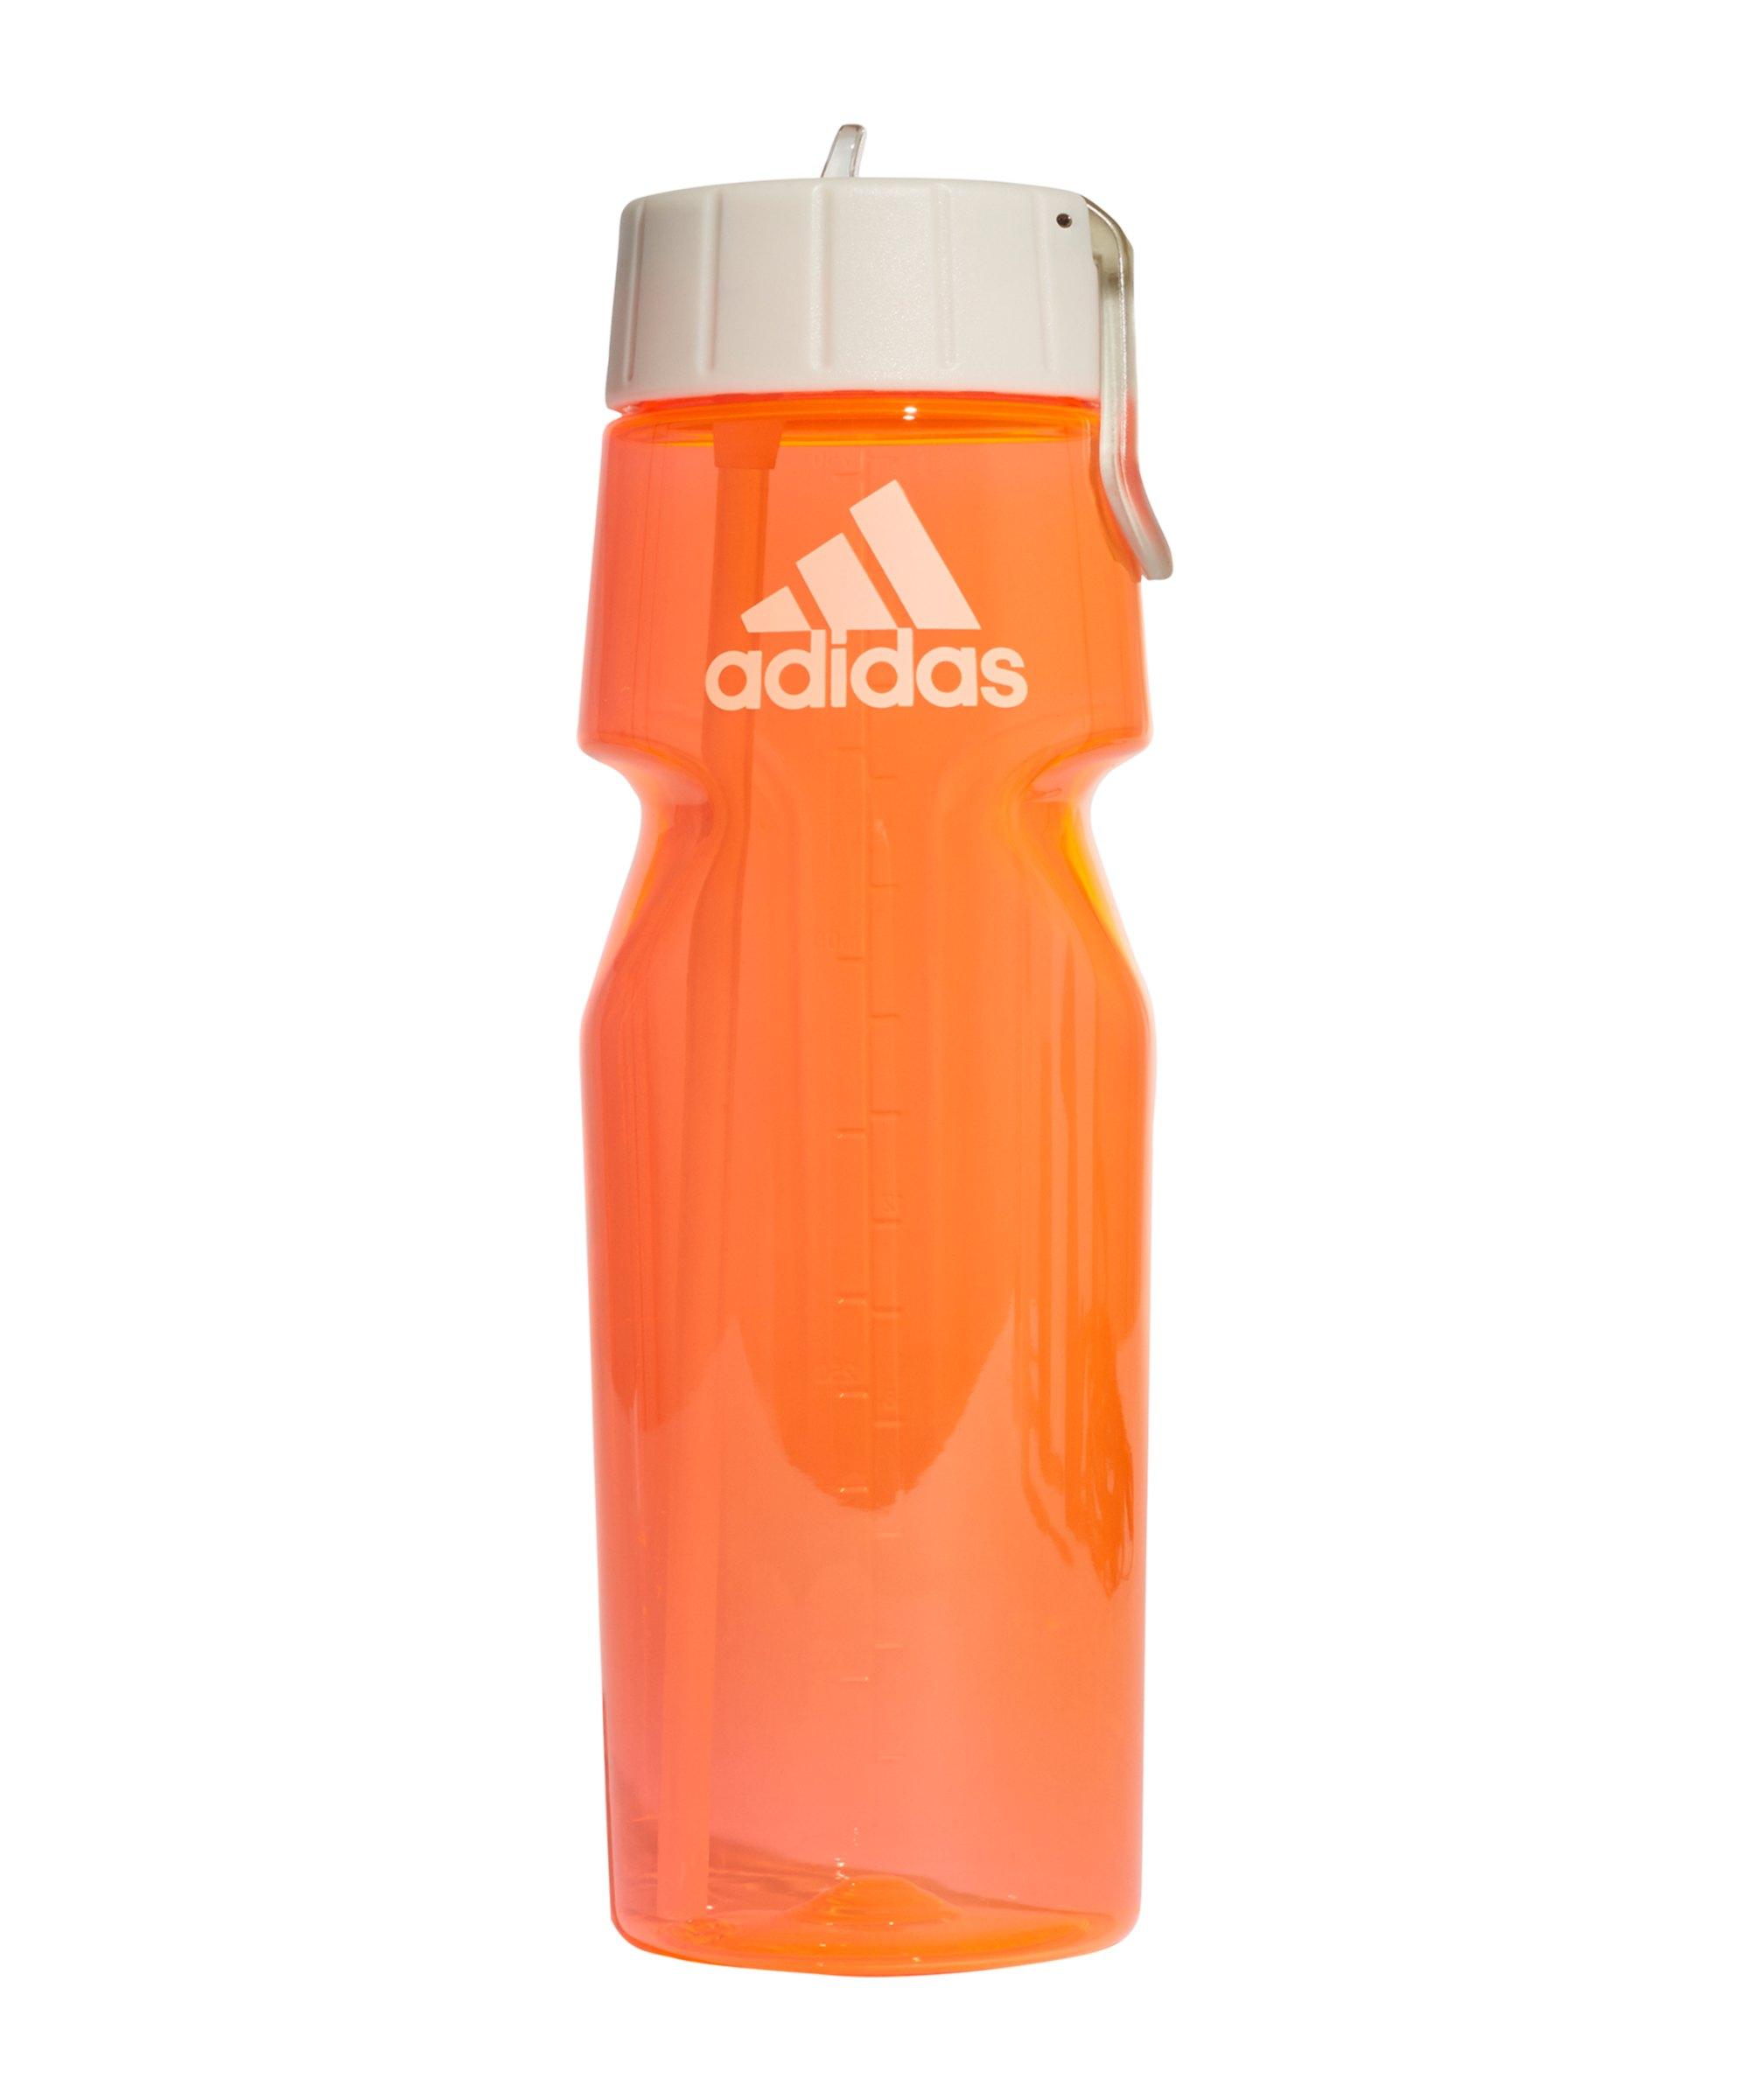 adidas Trail Trinkflasche 0,75 l Orange - orange